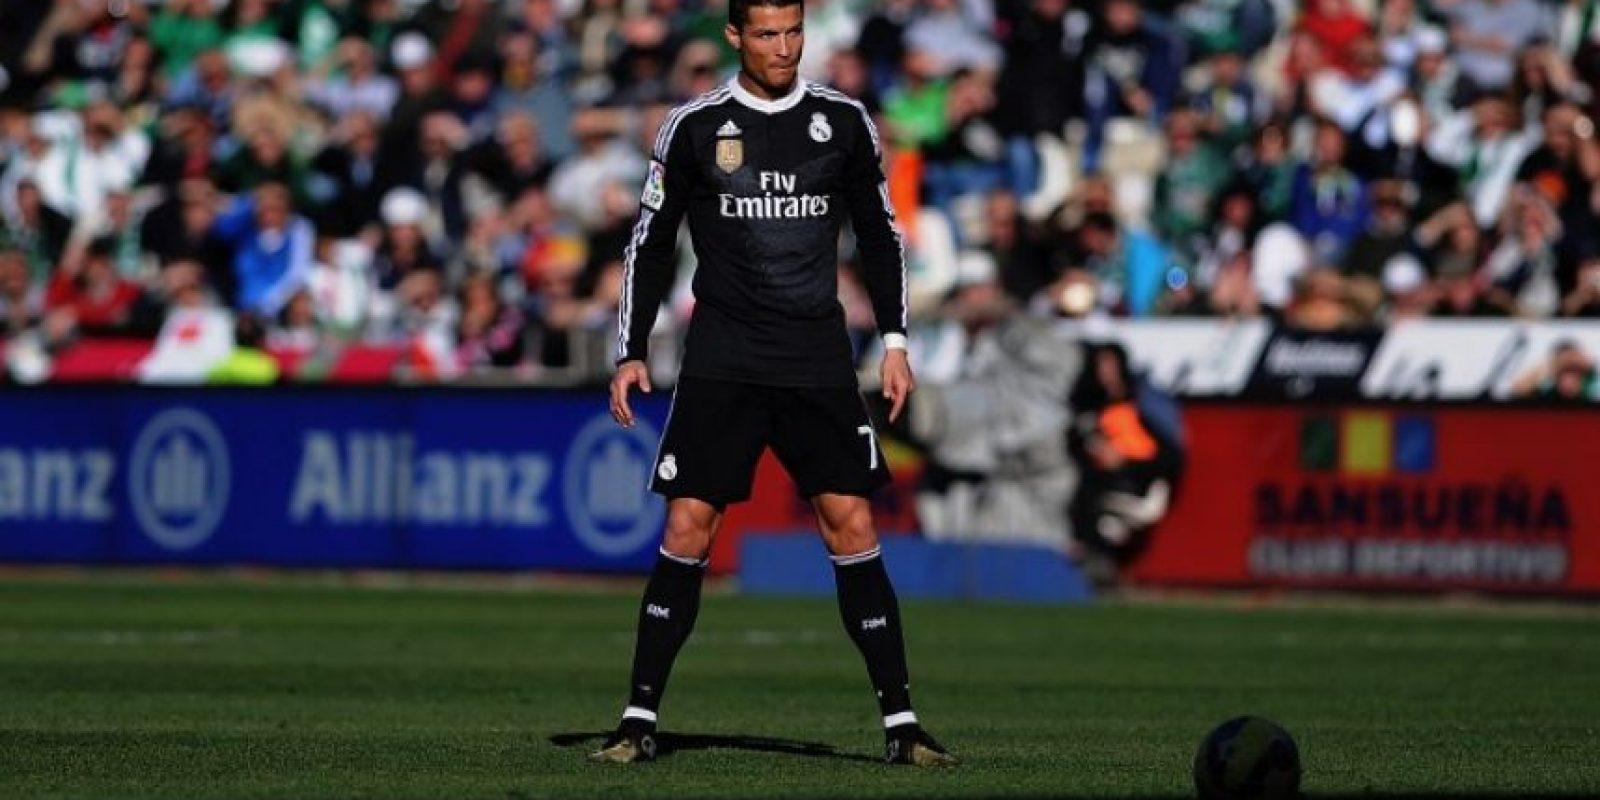 El mal momento que el portugués vive con el Madrid aceleraría la decisión. Foto:AFP